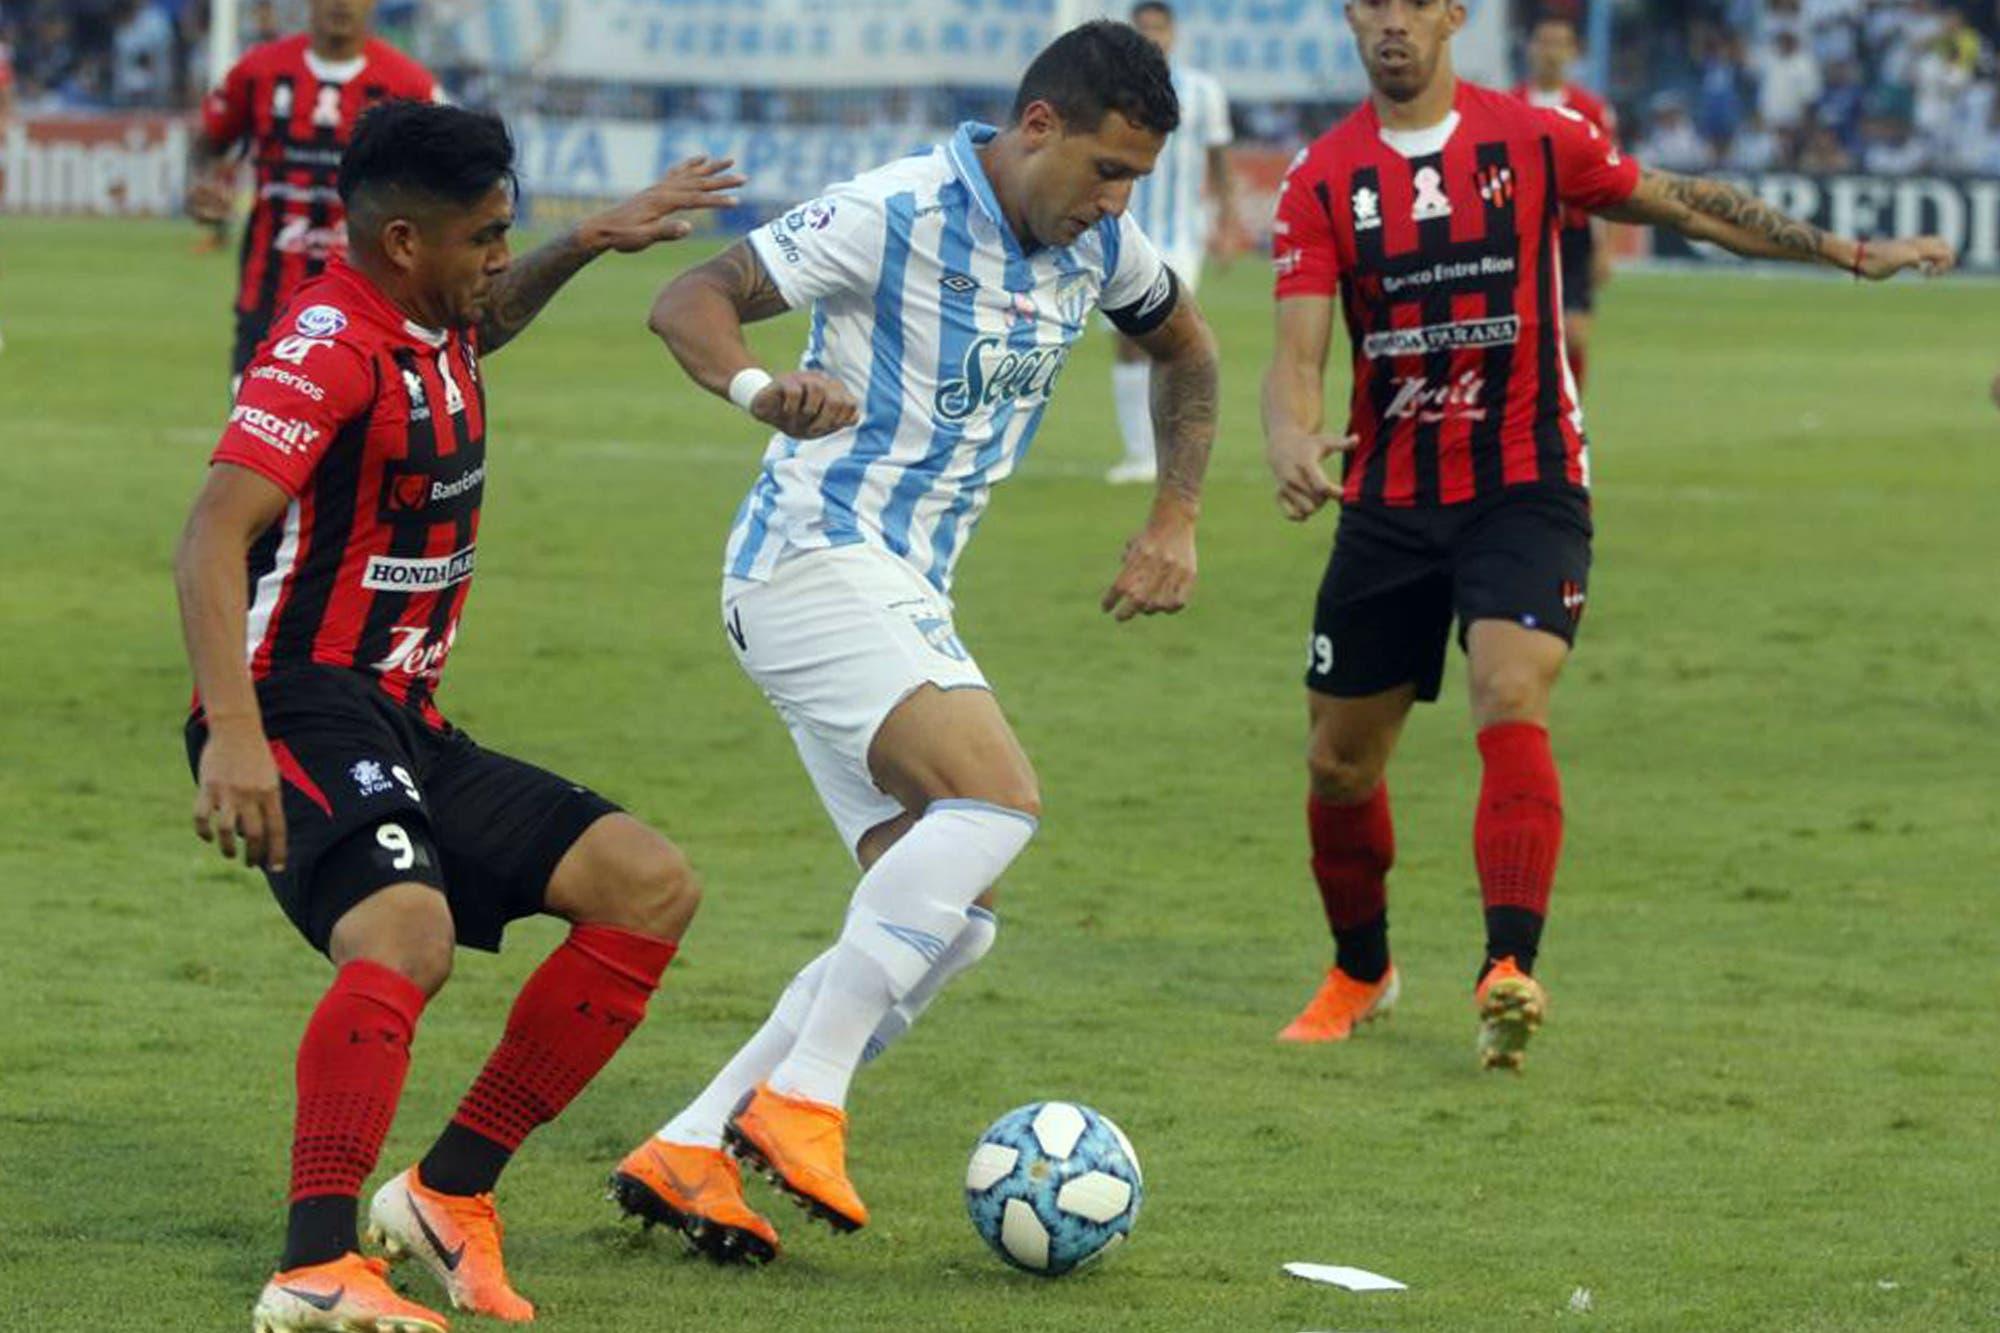 Atlético Tucumán-Patronato, por la Superliga: un golazo de Fabián Monzón le da otra victoria a los locales